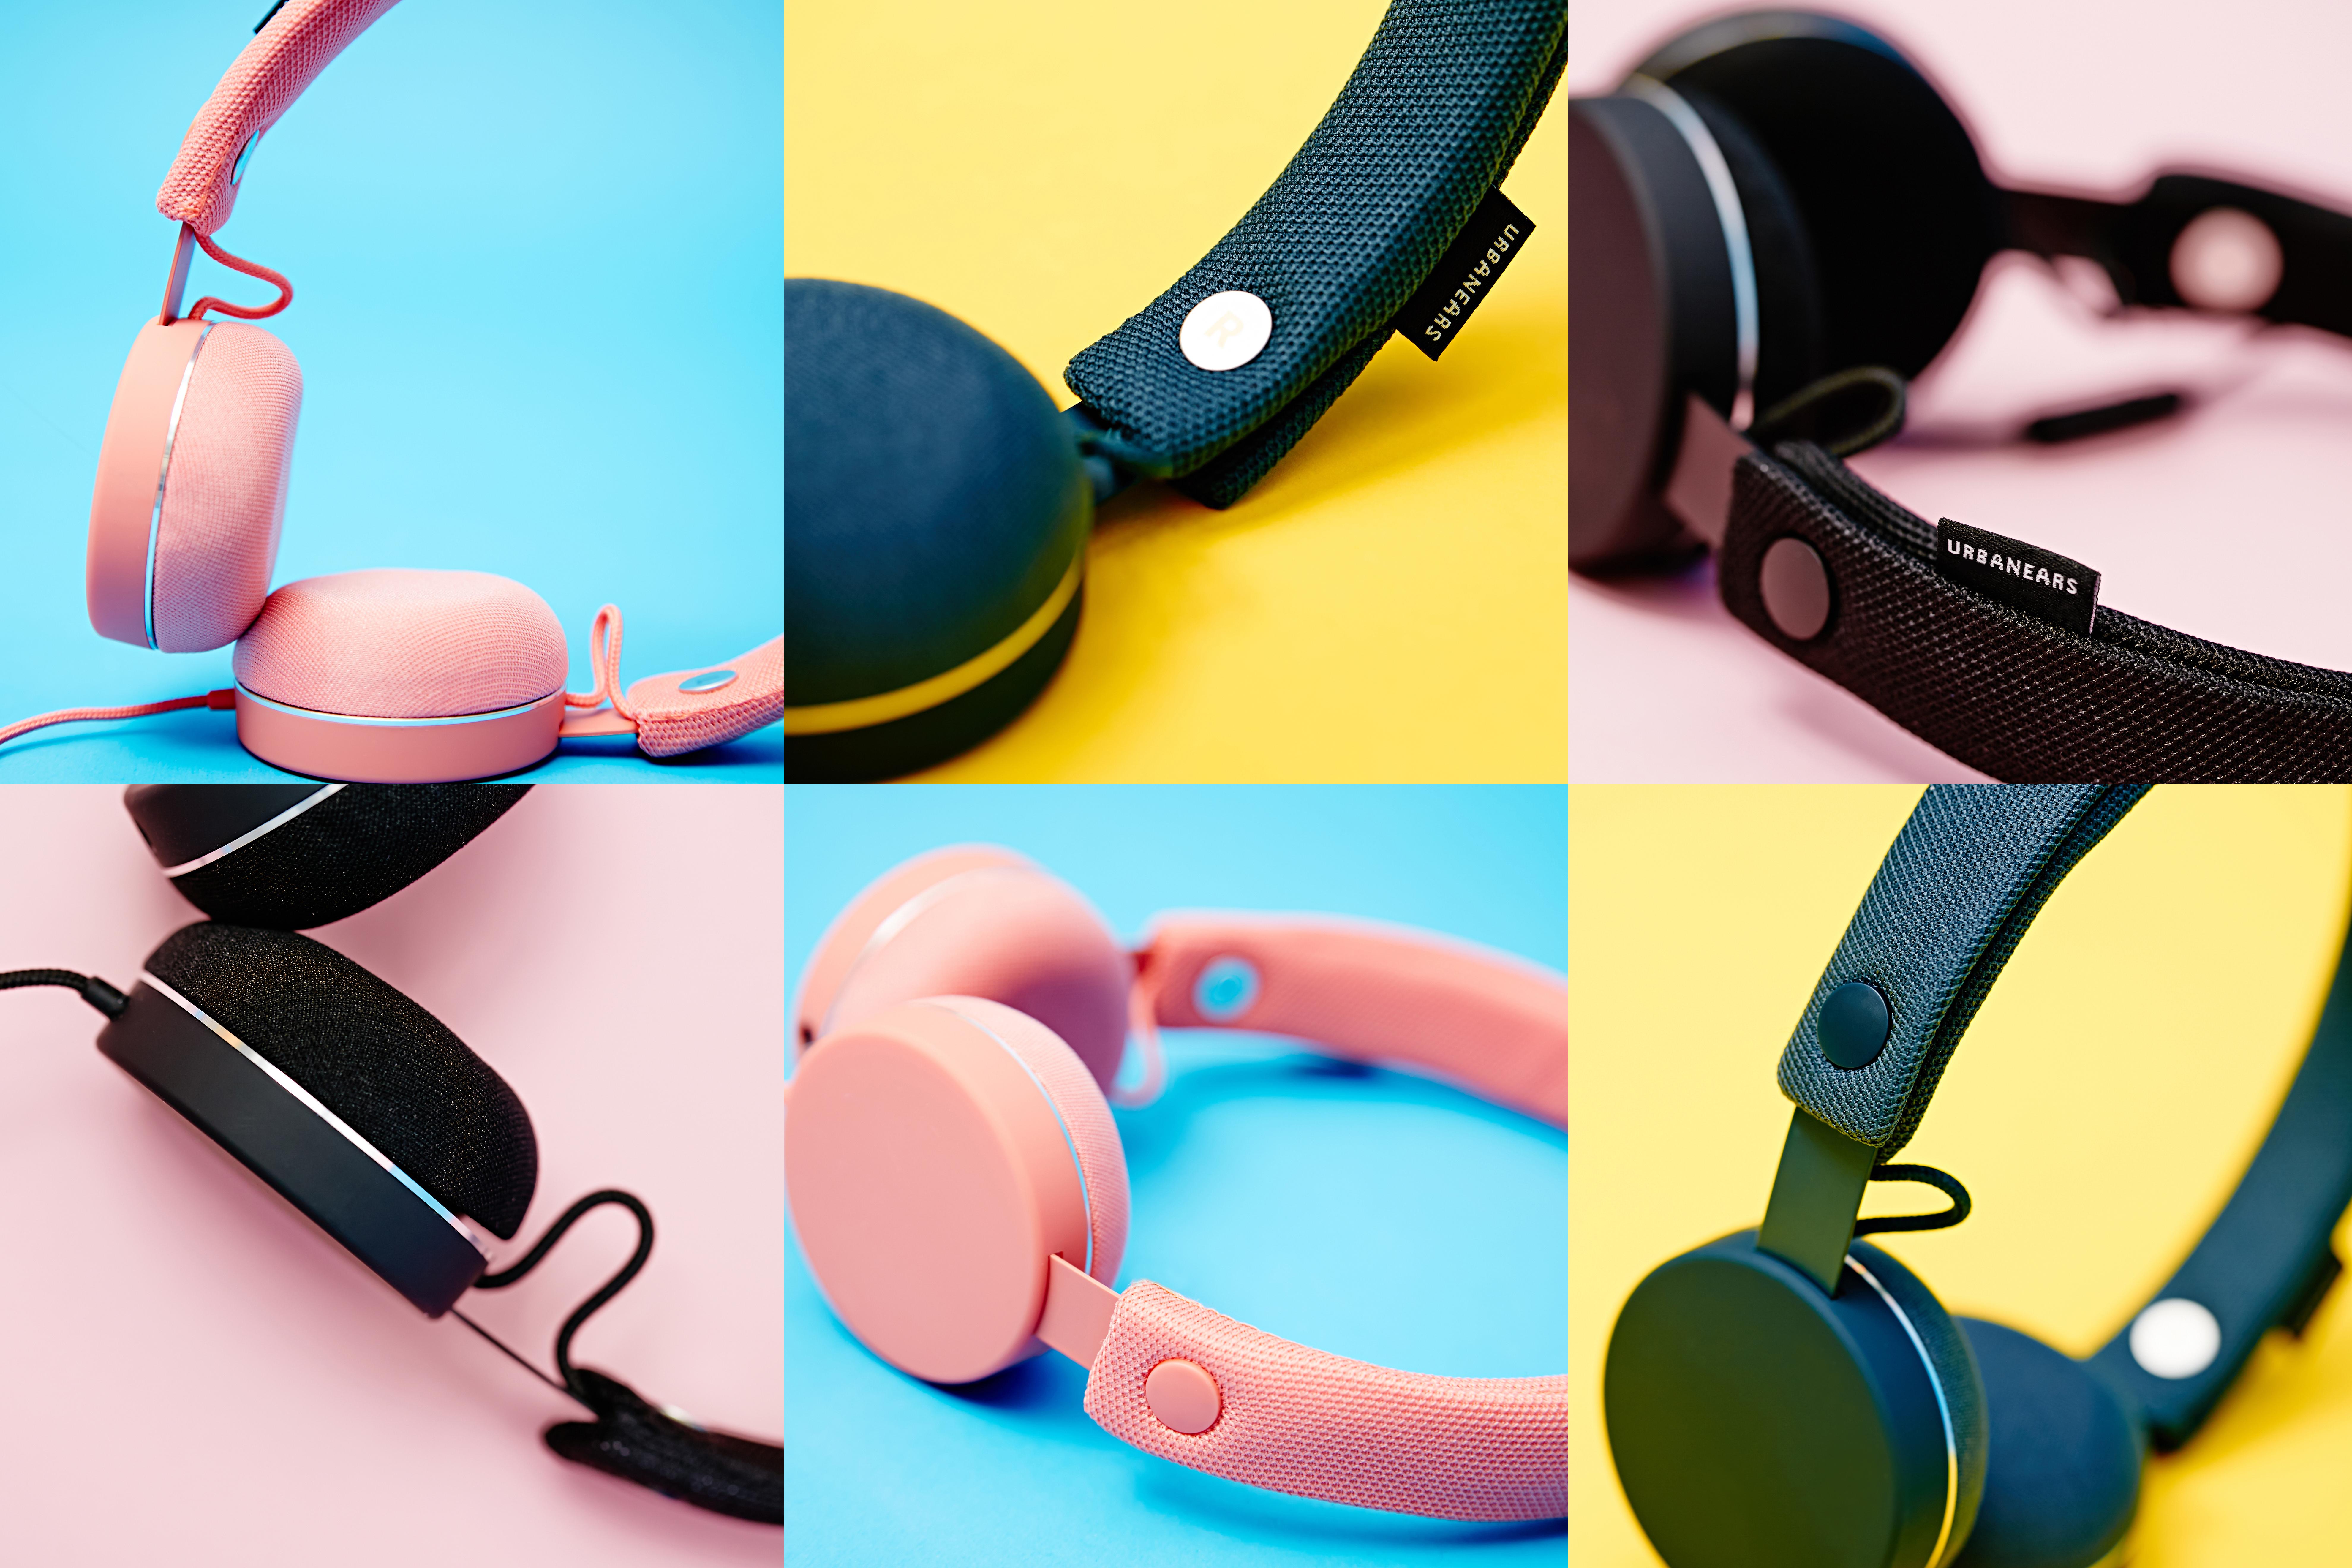 Wk 9_GW_Headphones 2 of 2.jpg